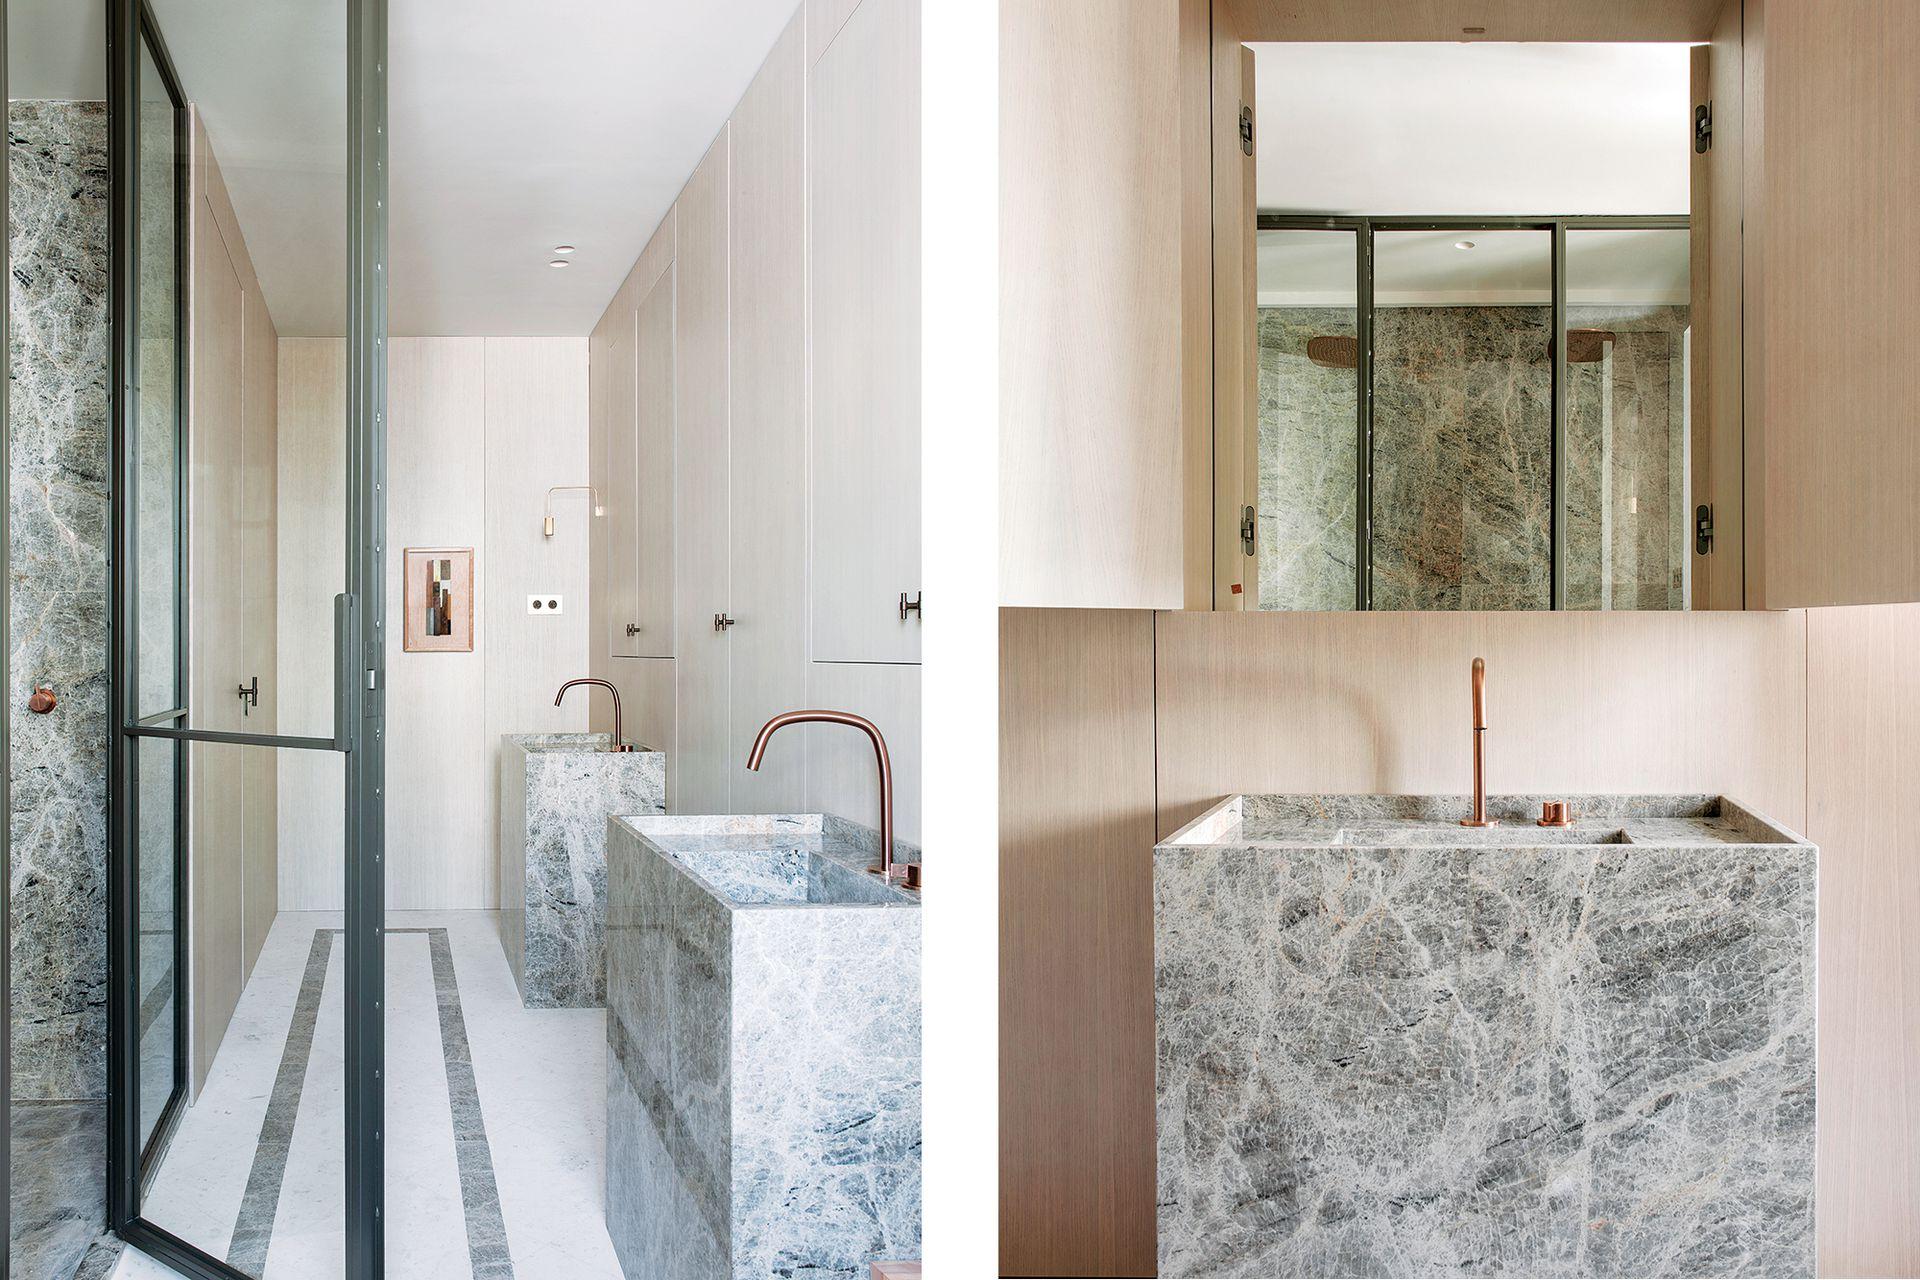 Este baño aprovecha cada centímetro a lo largo, con dos bachas dispuestas en la misma línea, con generoso espacio entre una y otra.